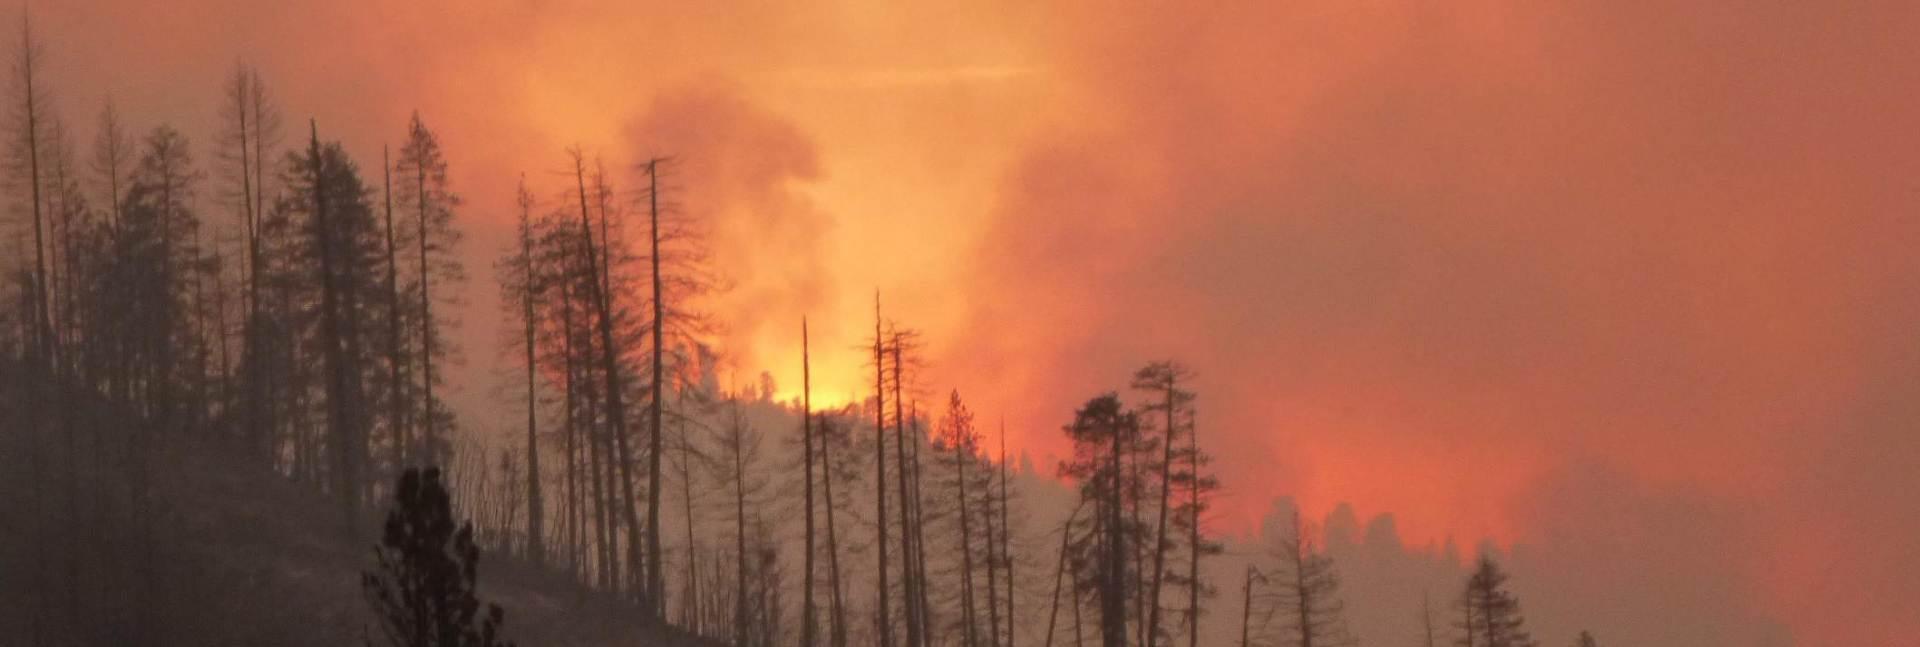 VIDEO: Snimka velikih šumskih požara u južnoj Kaliforniji